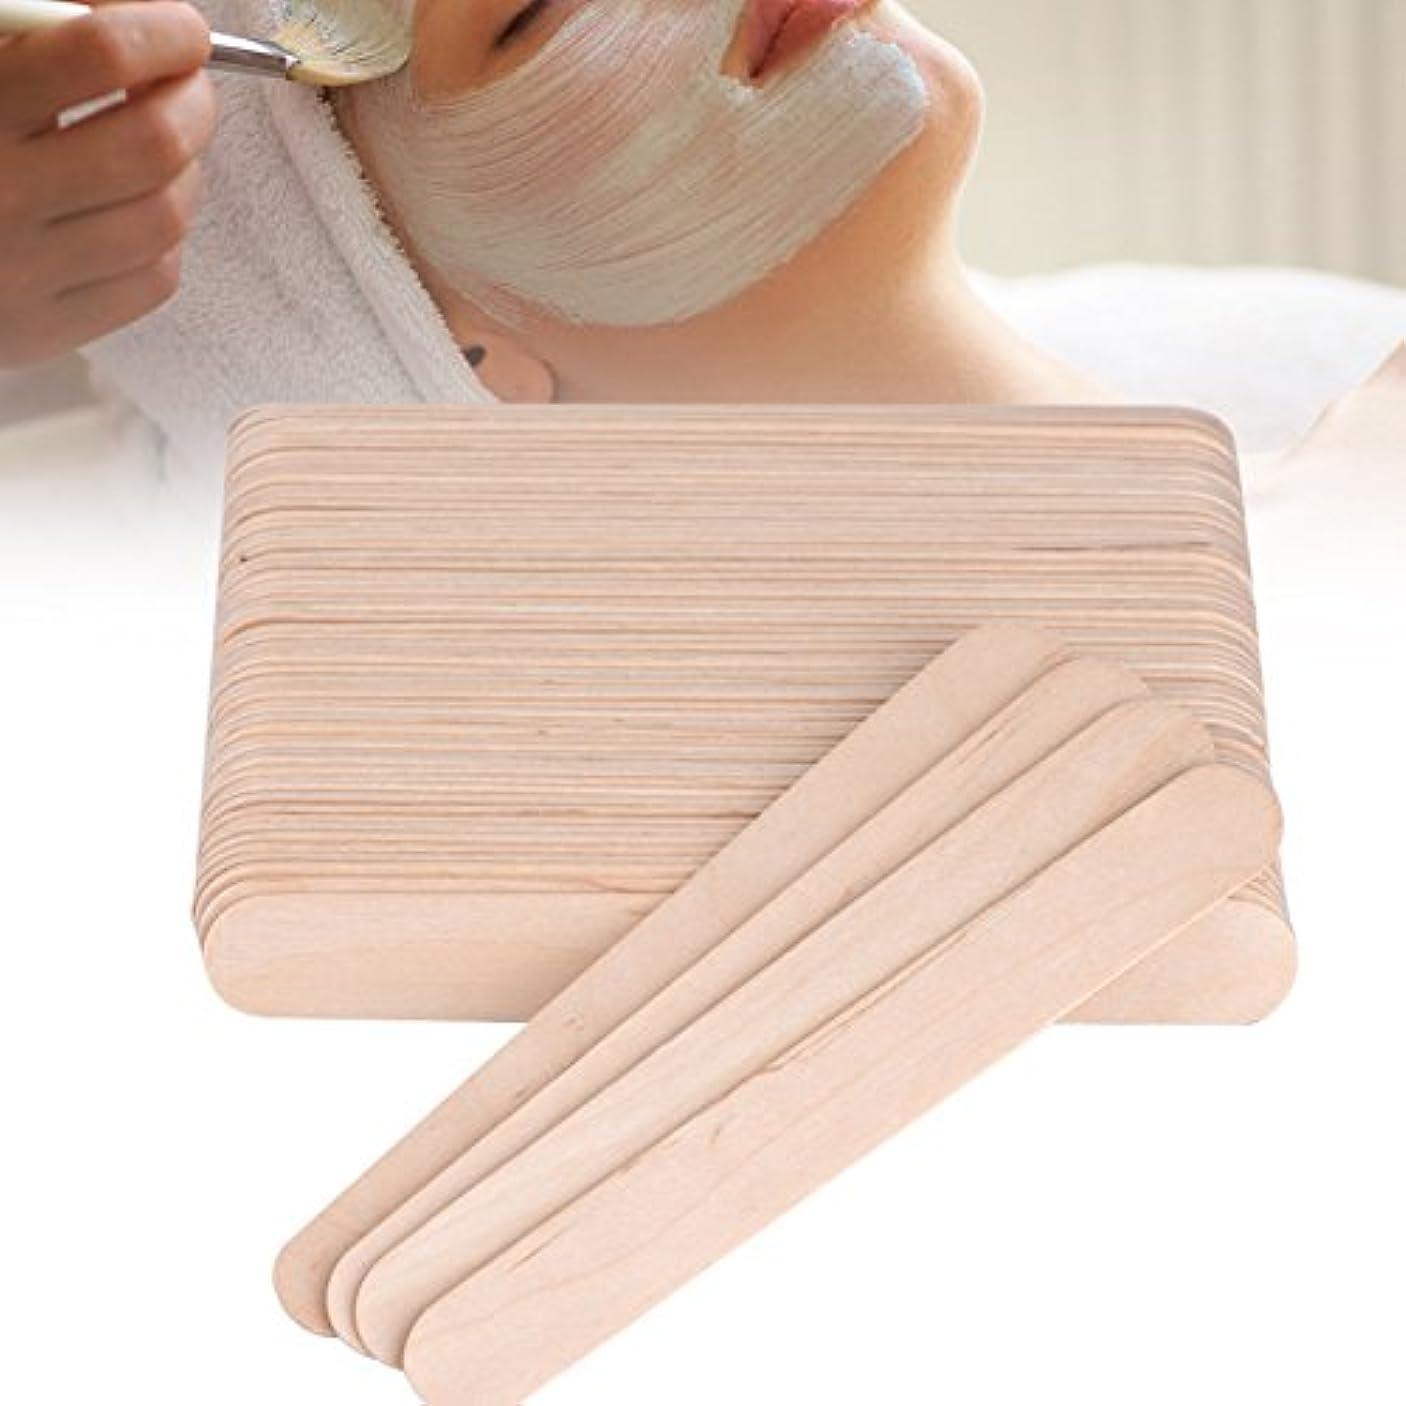 枕熟す彼の舌圧子ワックススティックスパチュラアプリケーター木製スパチュラ使い捨て業務用木製 100PCS /バッグ